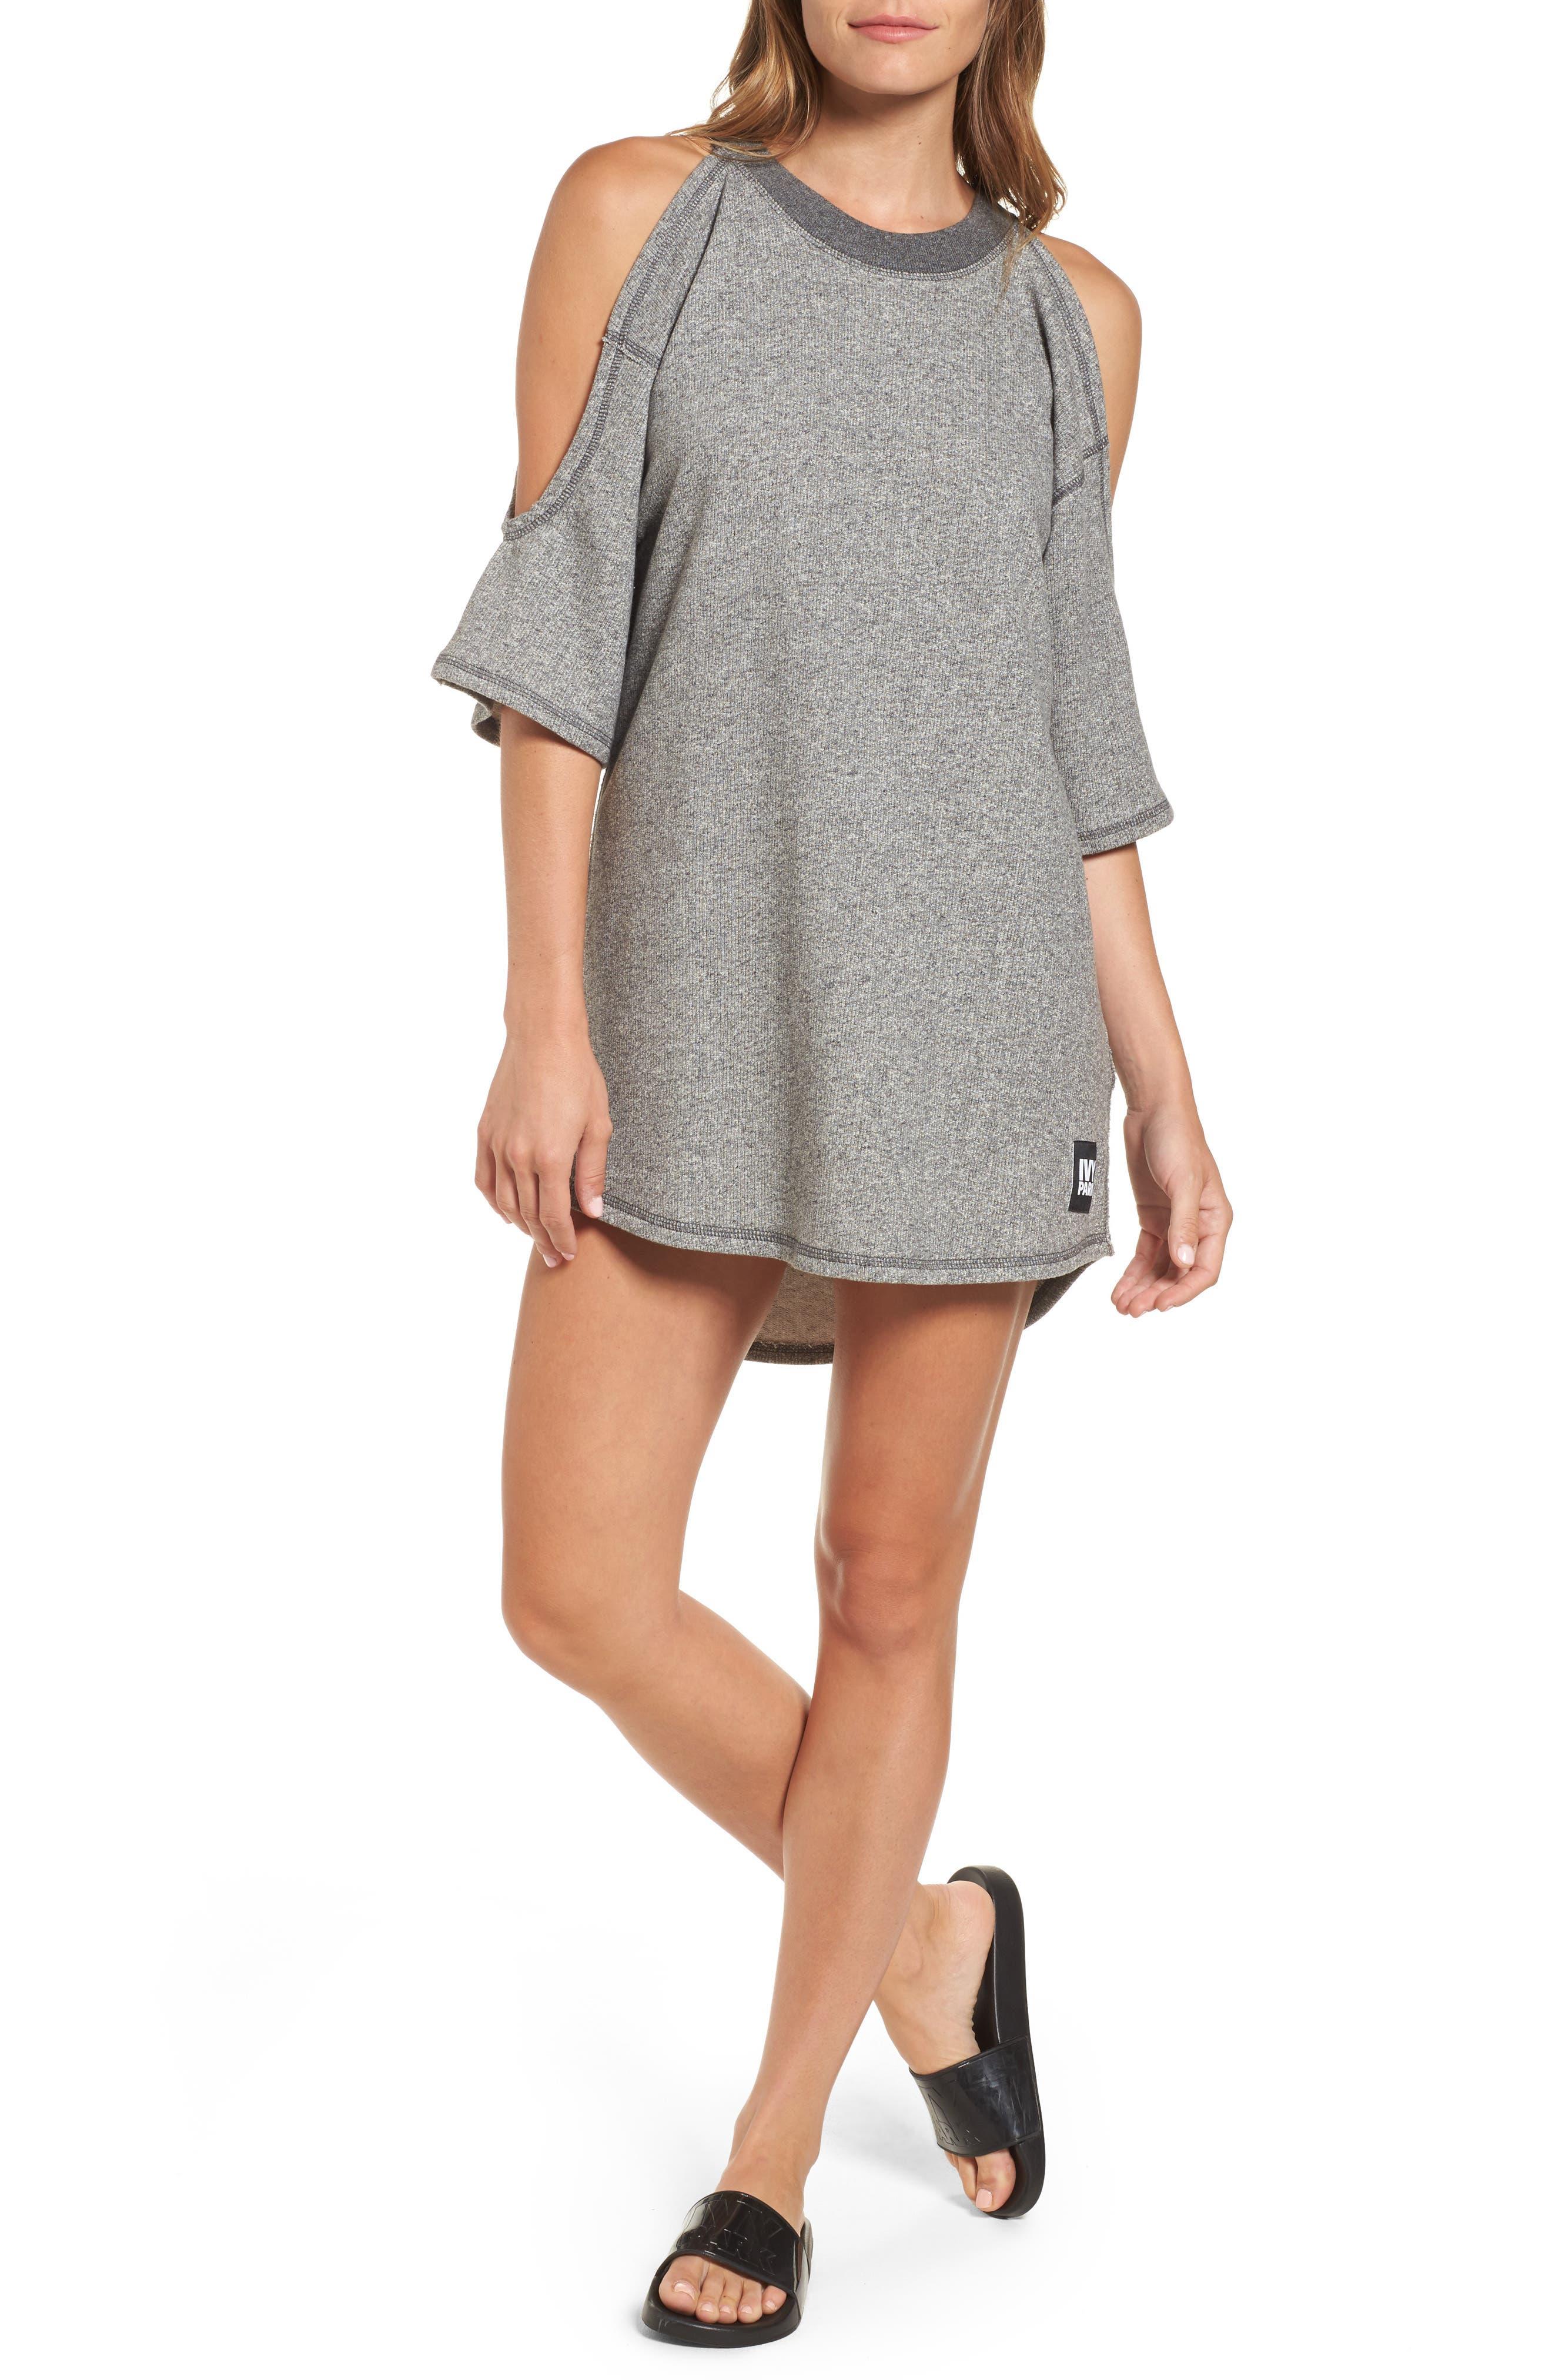 IVY PARK® Cold Shoulder Sweatshirt Dress